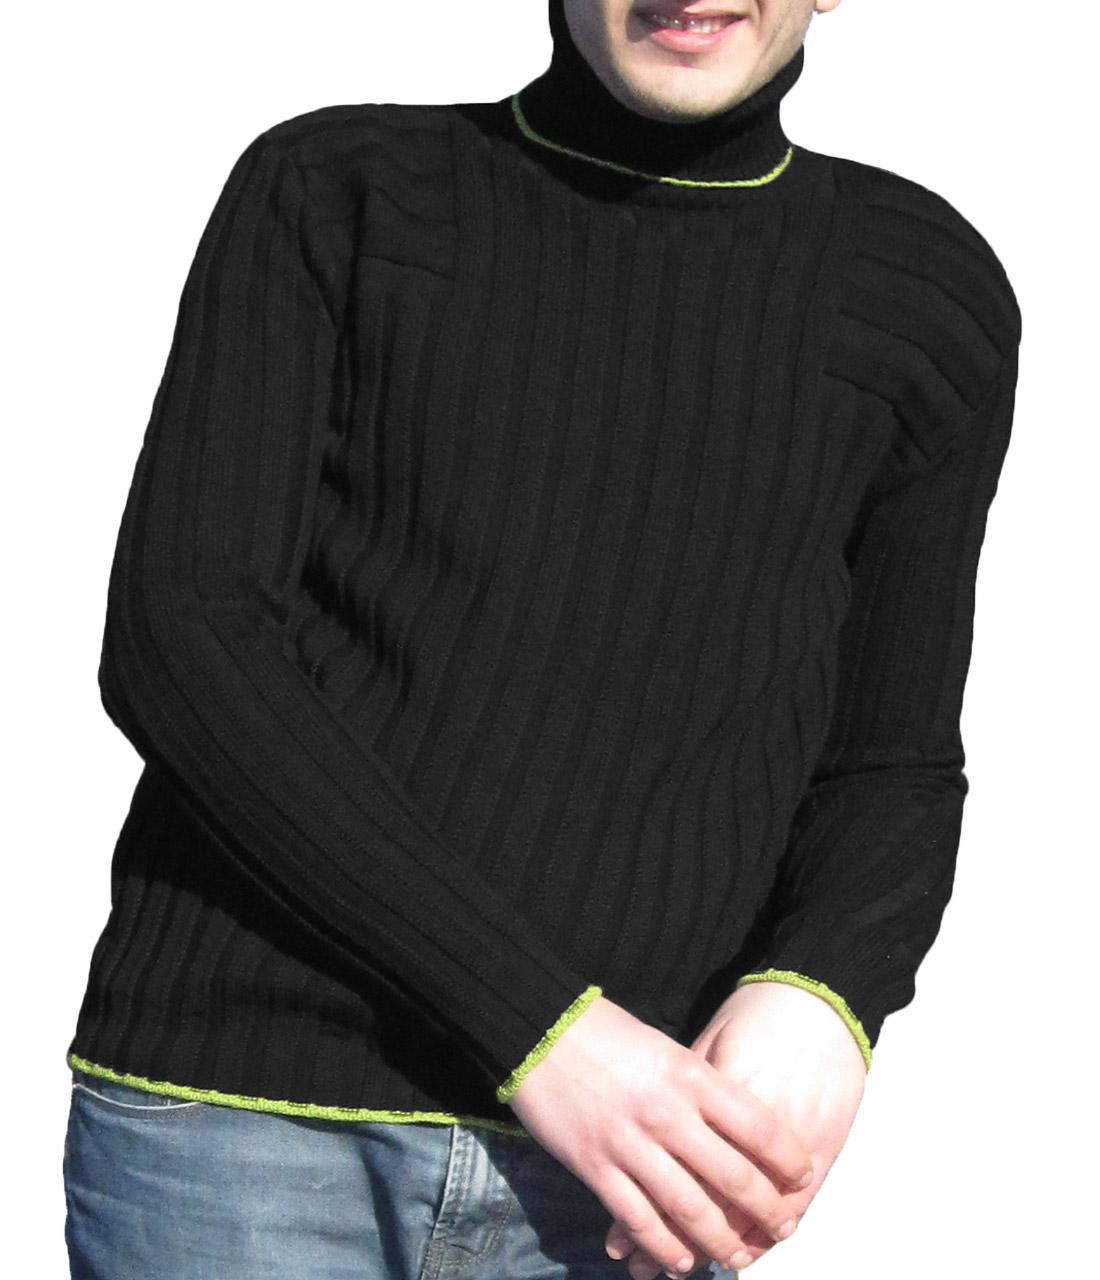 Maglia a Coste 6x6 Collo Alto Nero- Sweater with Ribbon 6x6 Turtleneck Black